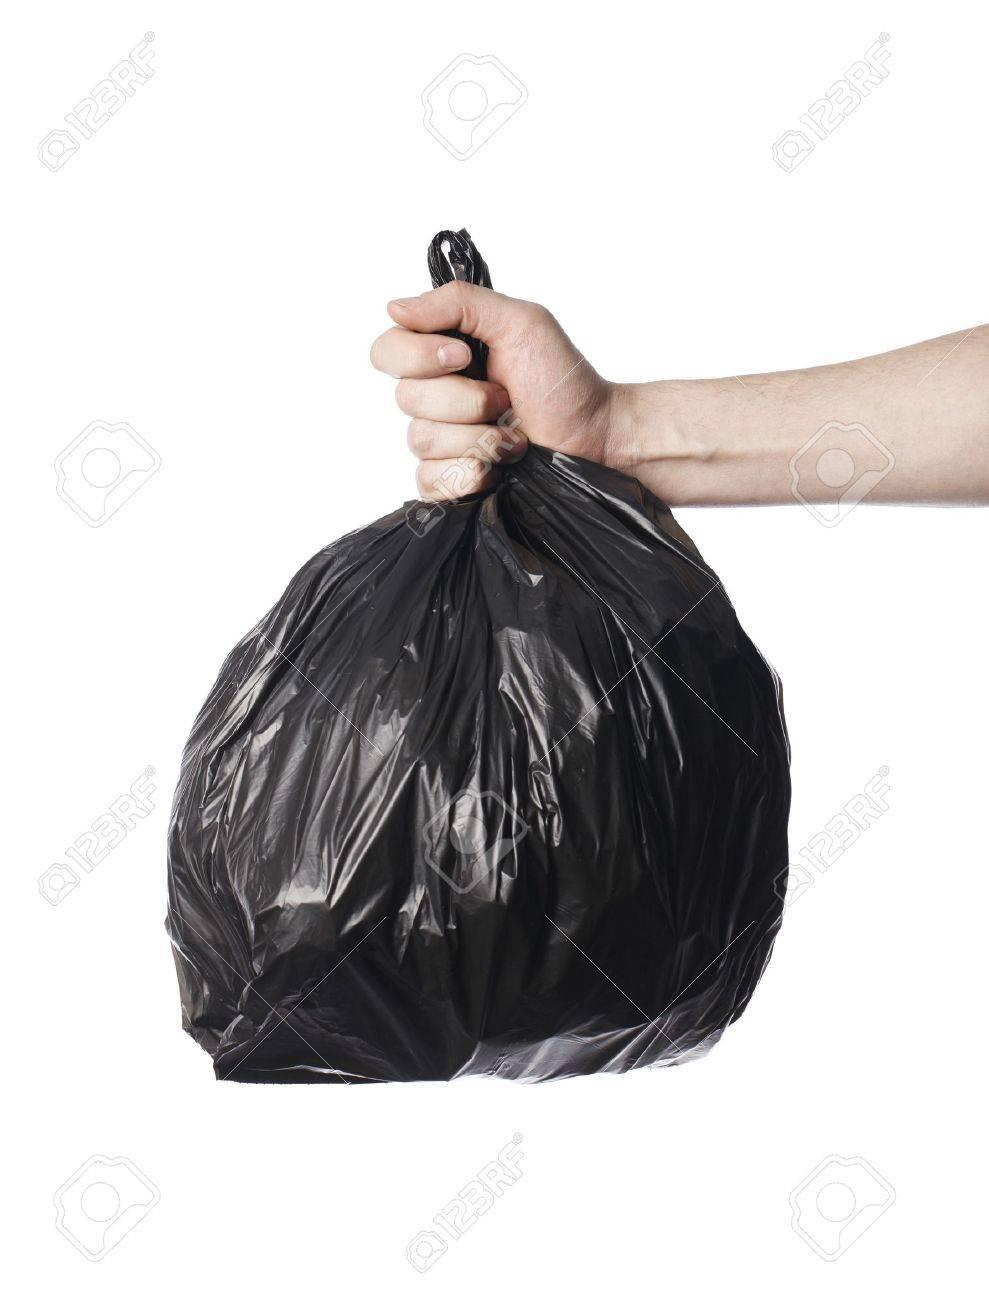 Hombre sosteniendo una bolsa de basura de plástico negro completa en su mano.